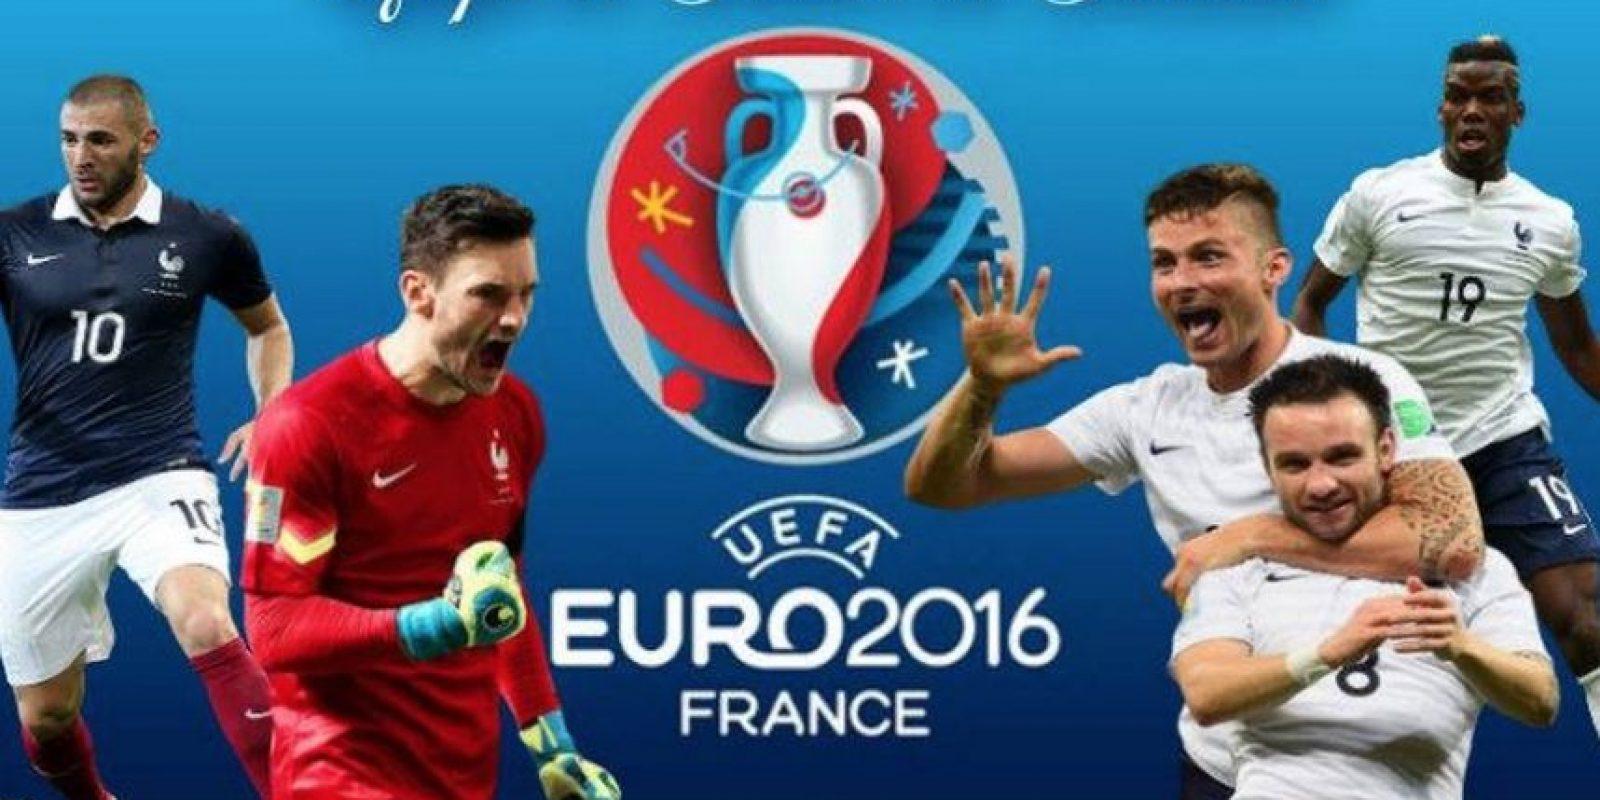 Francia tiene grandes jugadores. Foto:vía facebook.com/euro2016franceactualites